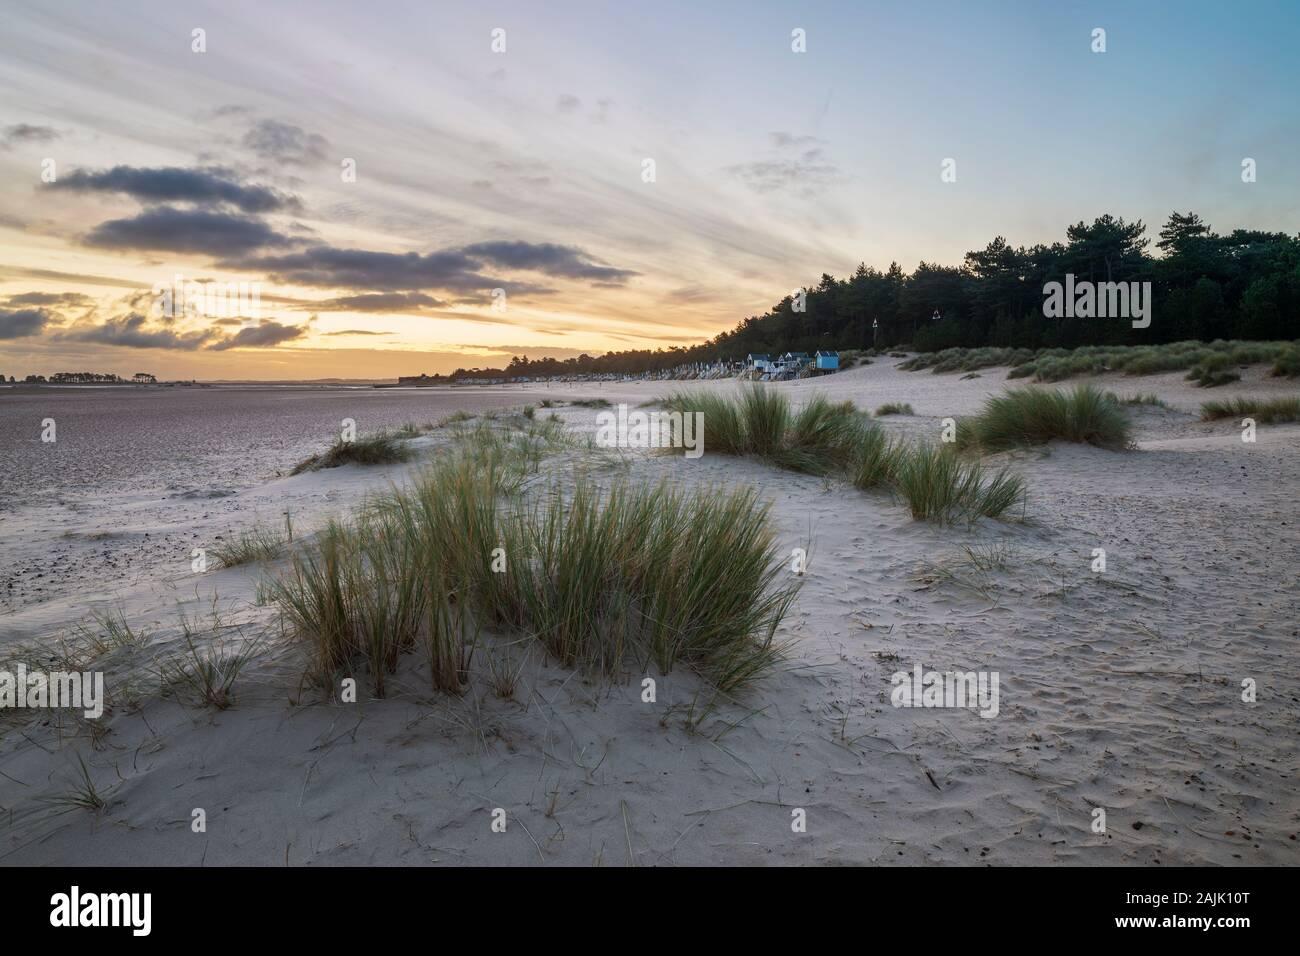 Lever du soleil sur les huttes de plage et les dunes de sable de Wells à côté de la plage de la mer, Wells-Next-the-Sea, Norfolk, Angleterre, Royaume-Uni, Europe Banque D'Images